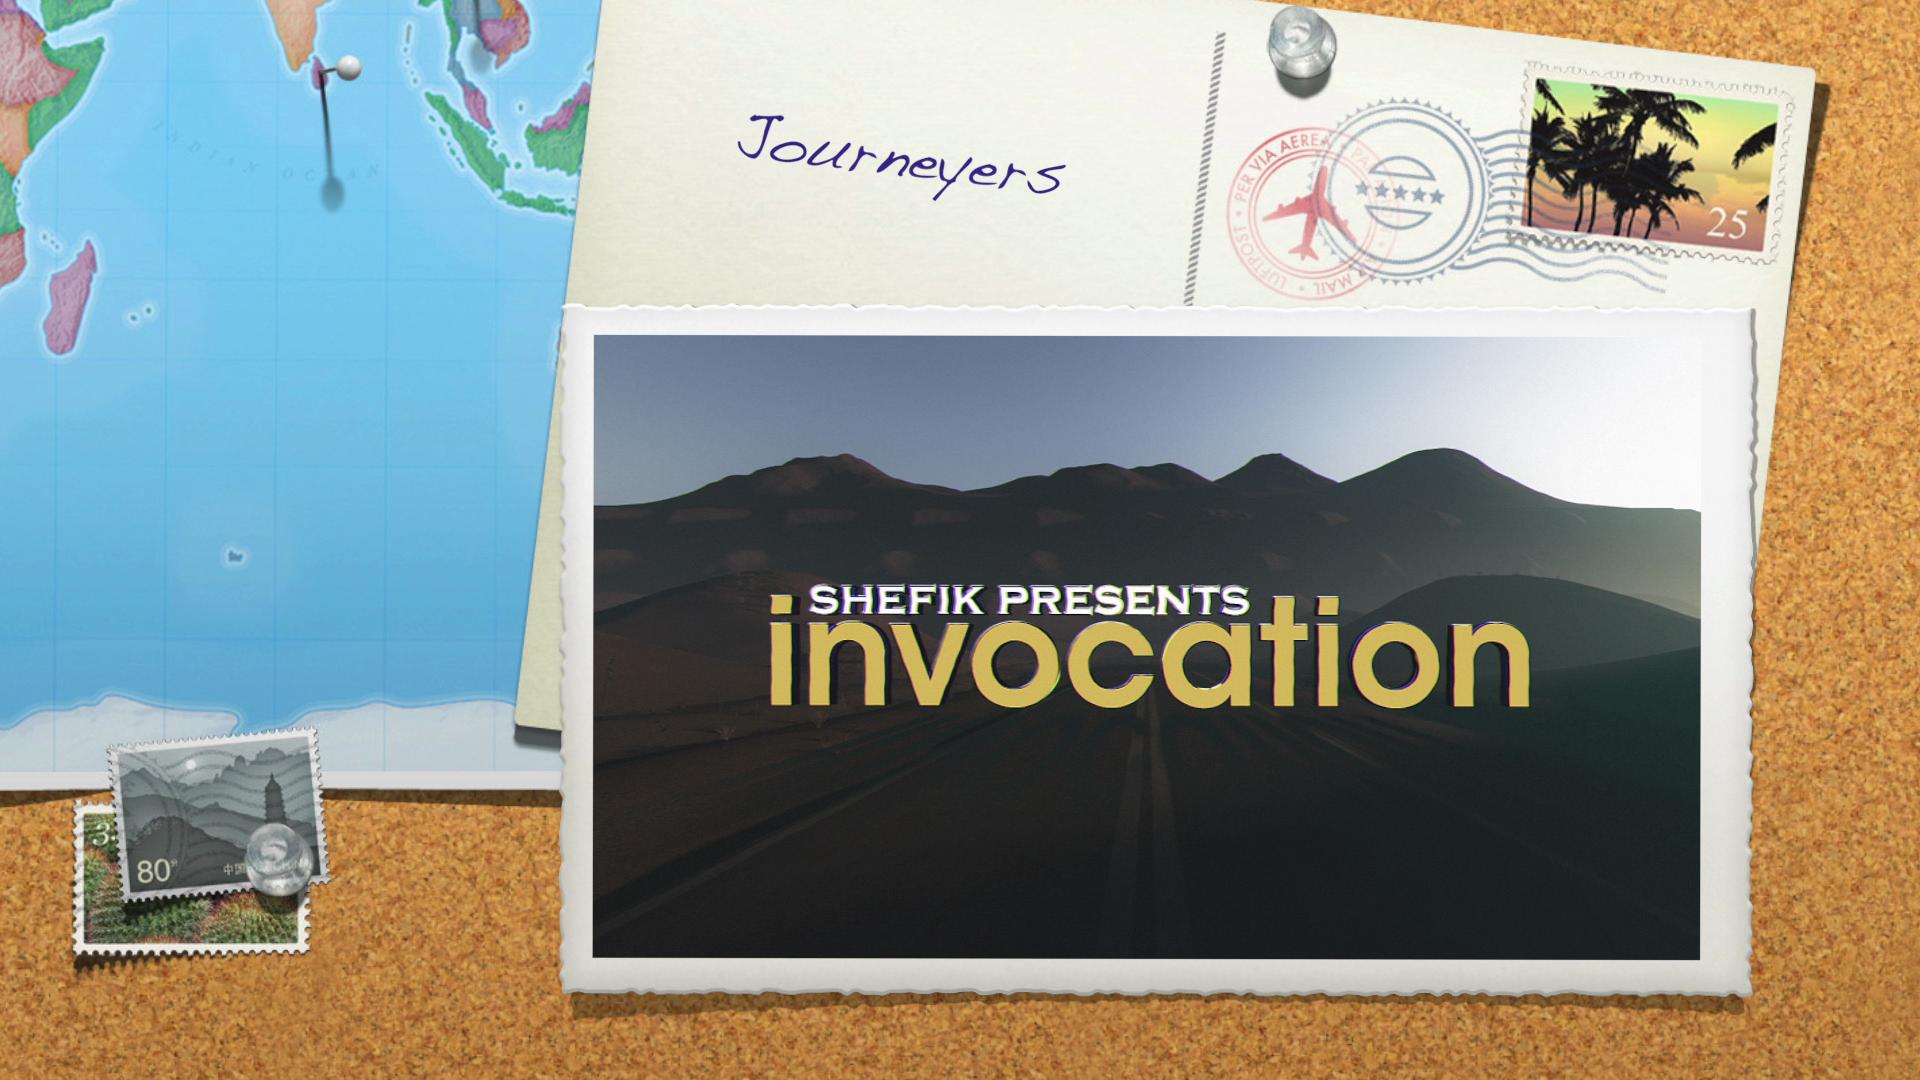 Shefik presents Invocation: Journeyers